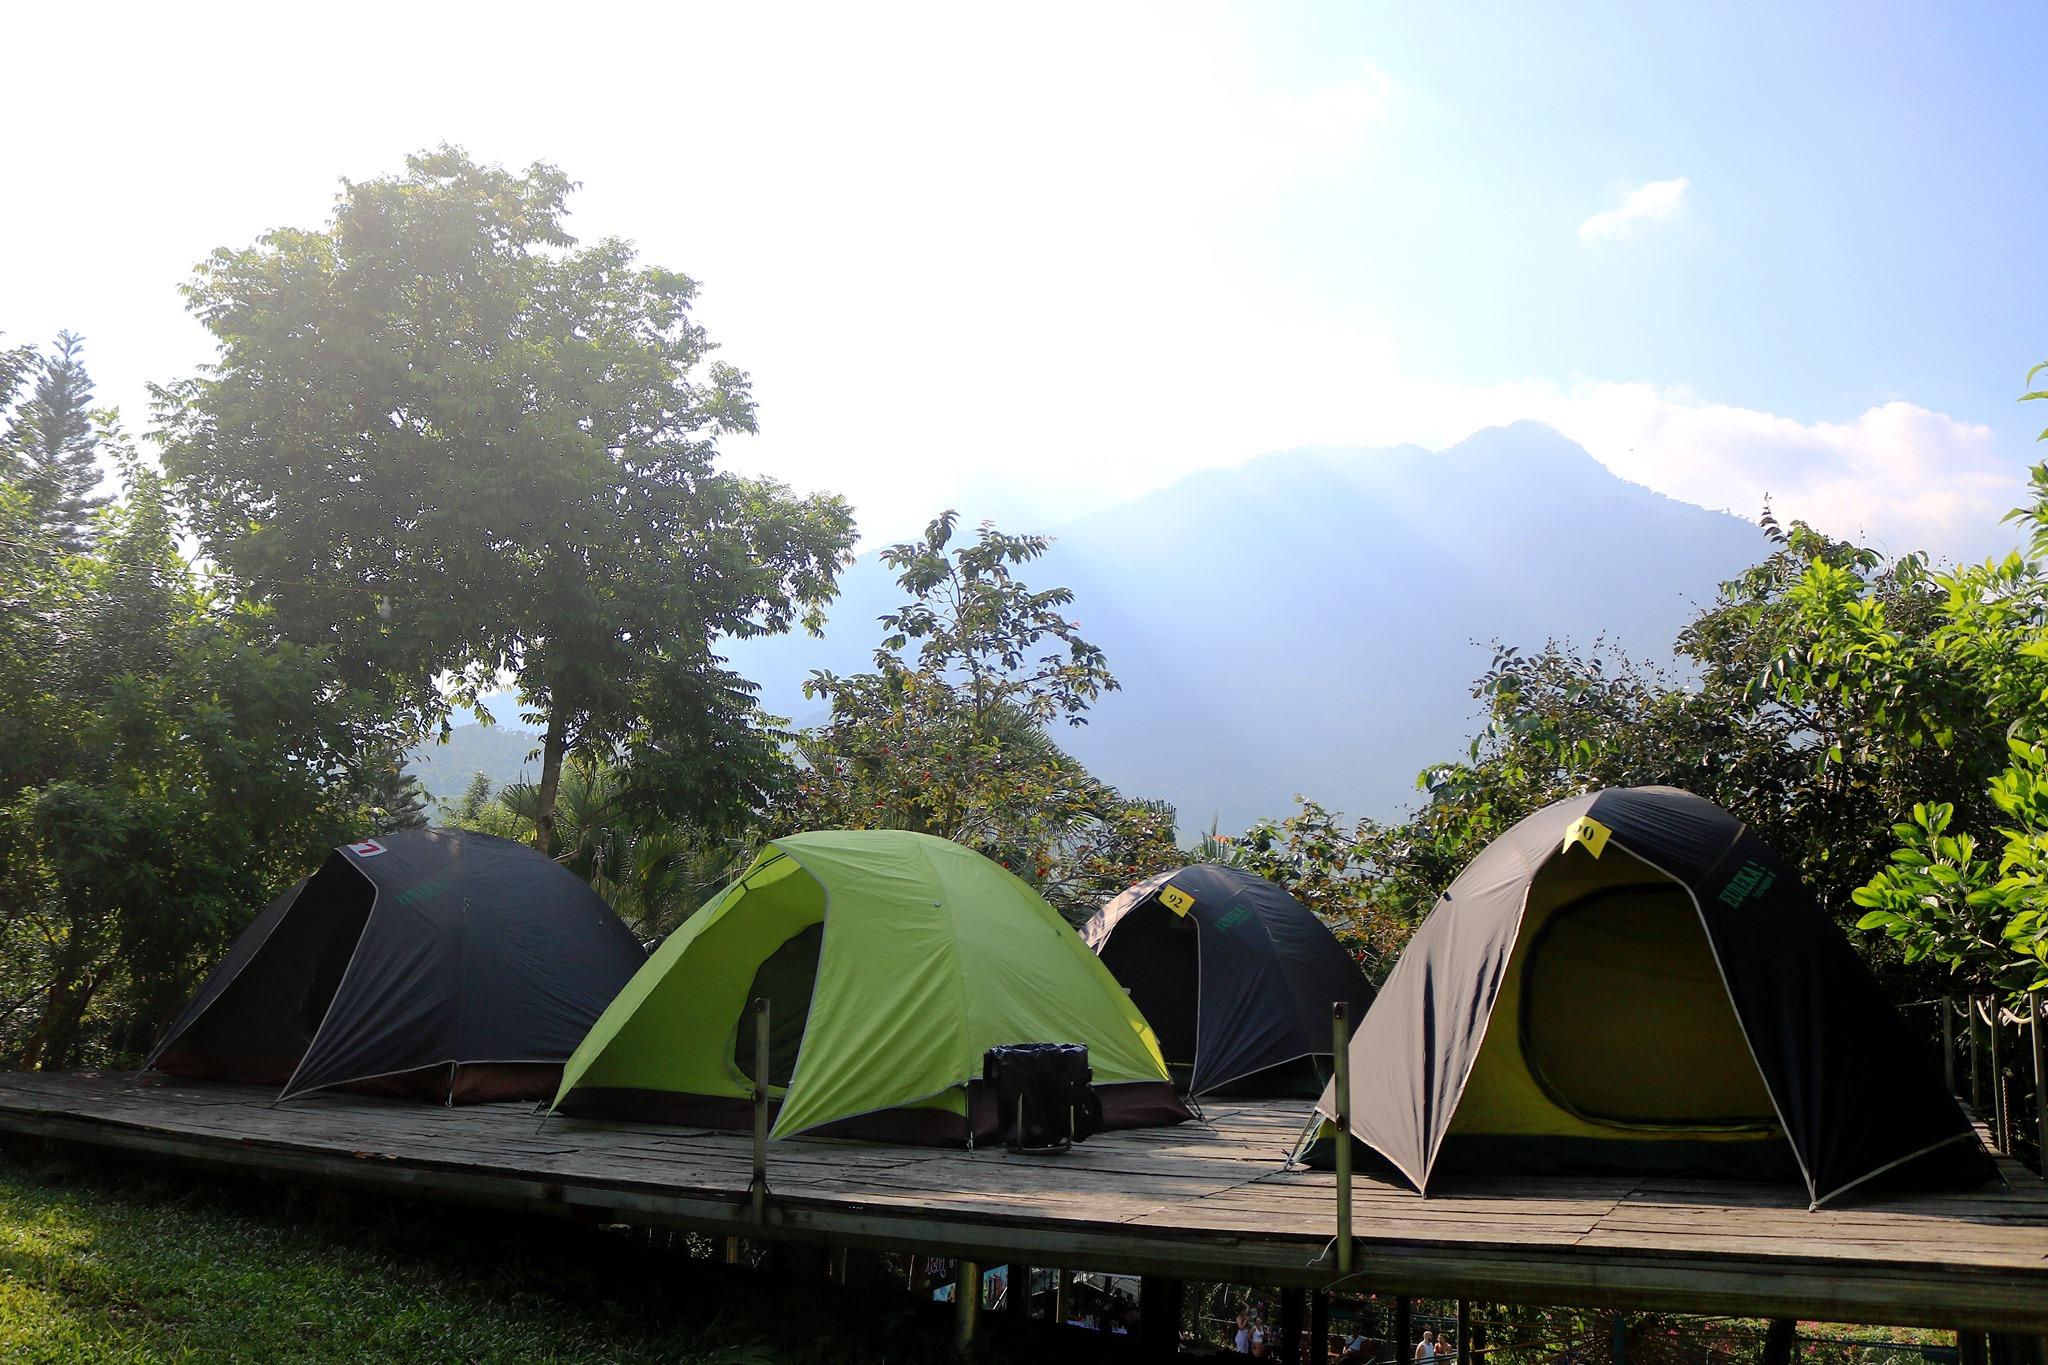 Hà Nội: Mách 3 địa điểm cắm trại cực nổi có dịch vụ trọn gói 2N1Đ cho gia đình 4 người, giá không quá 2 triệu đồng  - Ảnh 2.